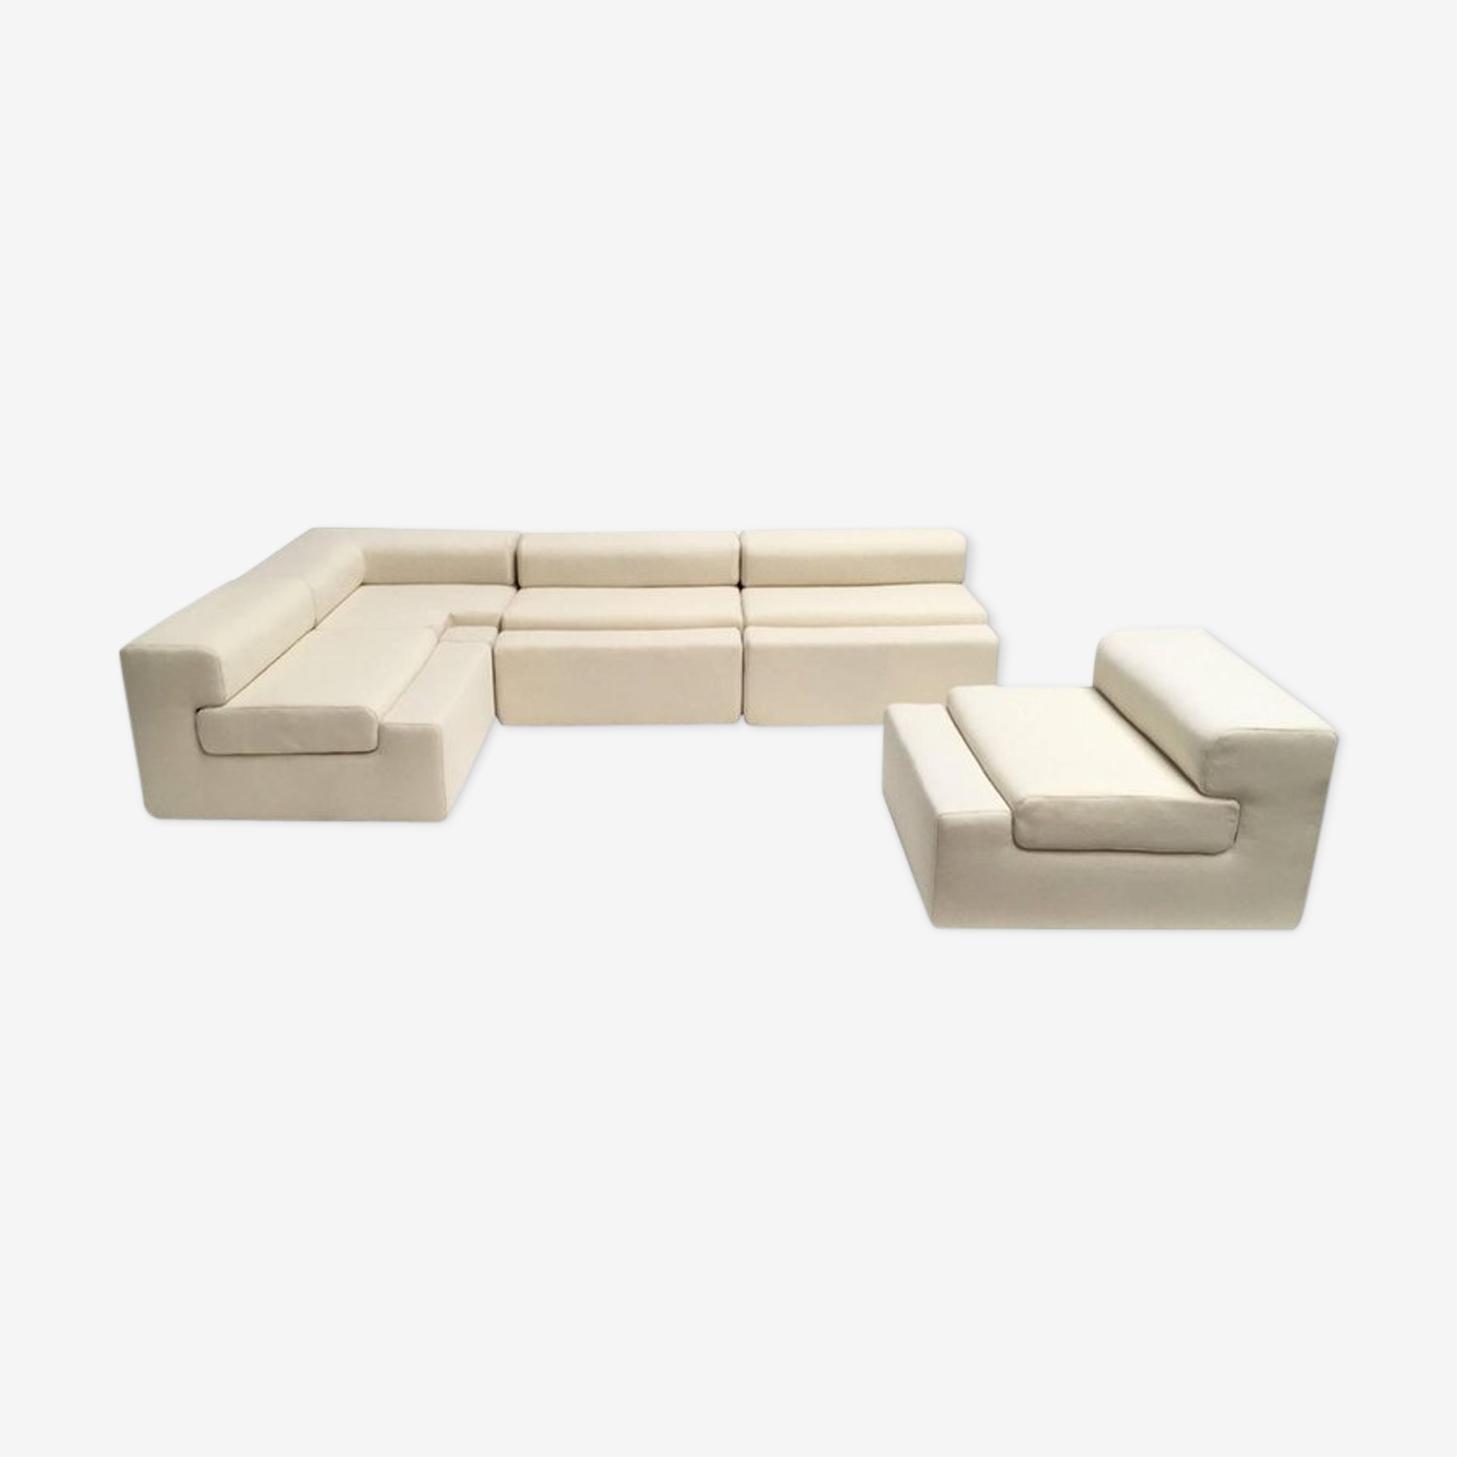 Canapé modulable unique par Mangiarotti de la «Casa Vitale» 1969 avec certificat